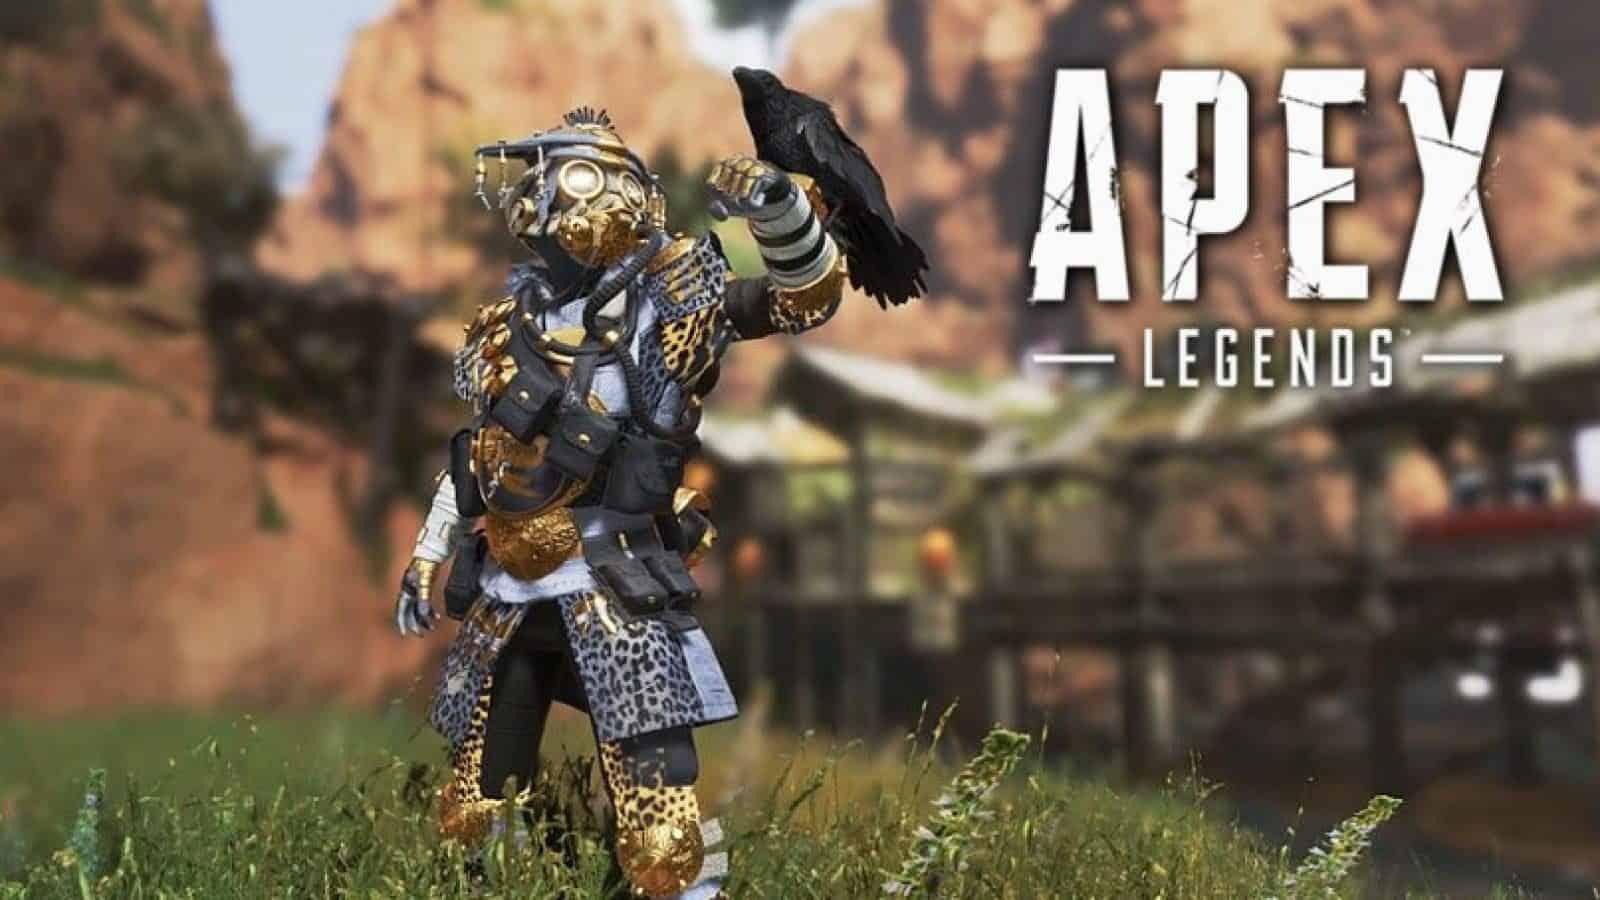 تحدي ابيكس ليجندز Apex Legends legendary hunt bloodhound challenges